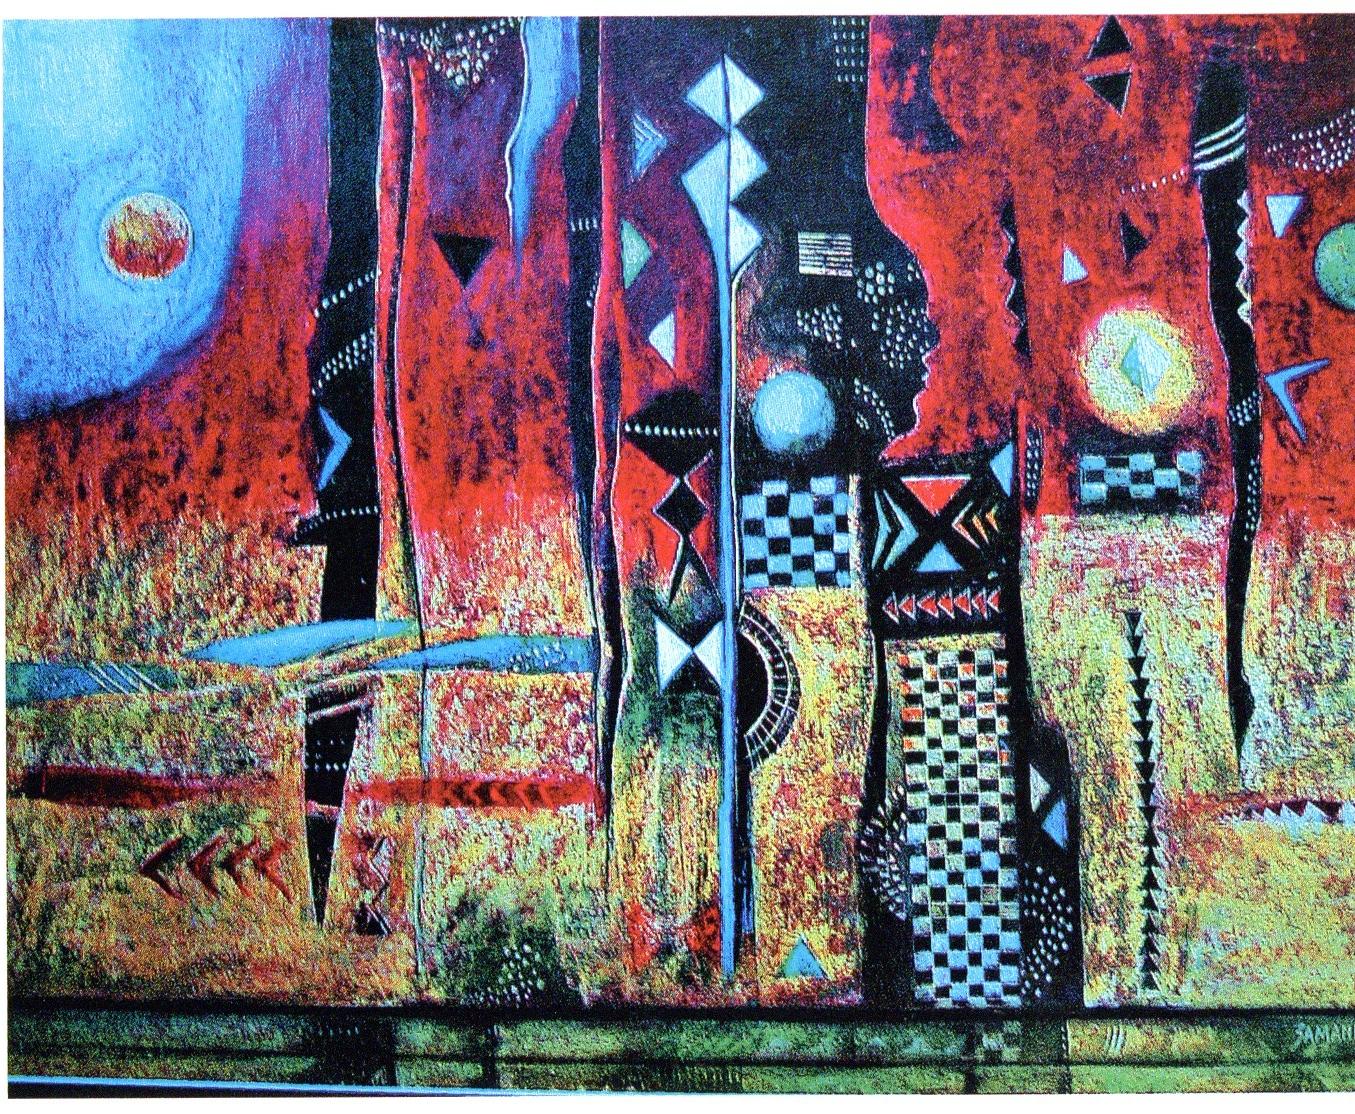 <em>Bafo Bafo</em>, oil pastel, 2003